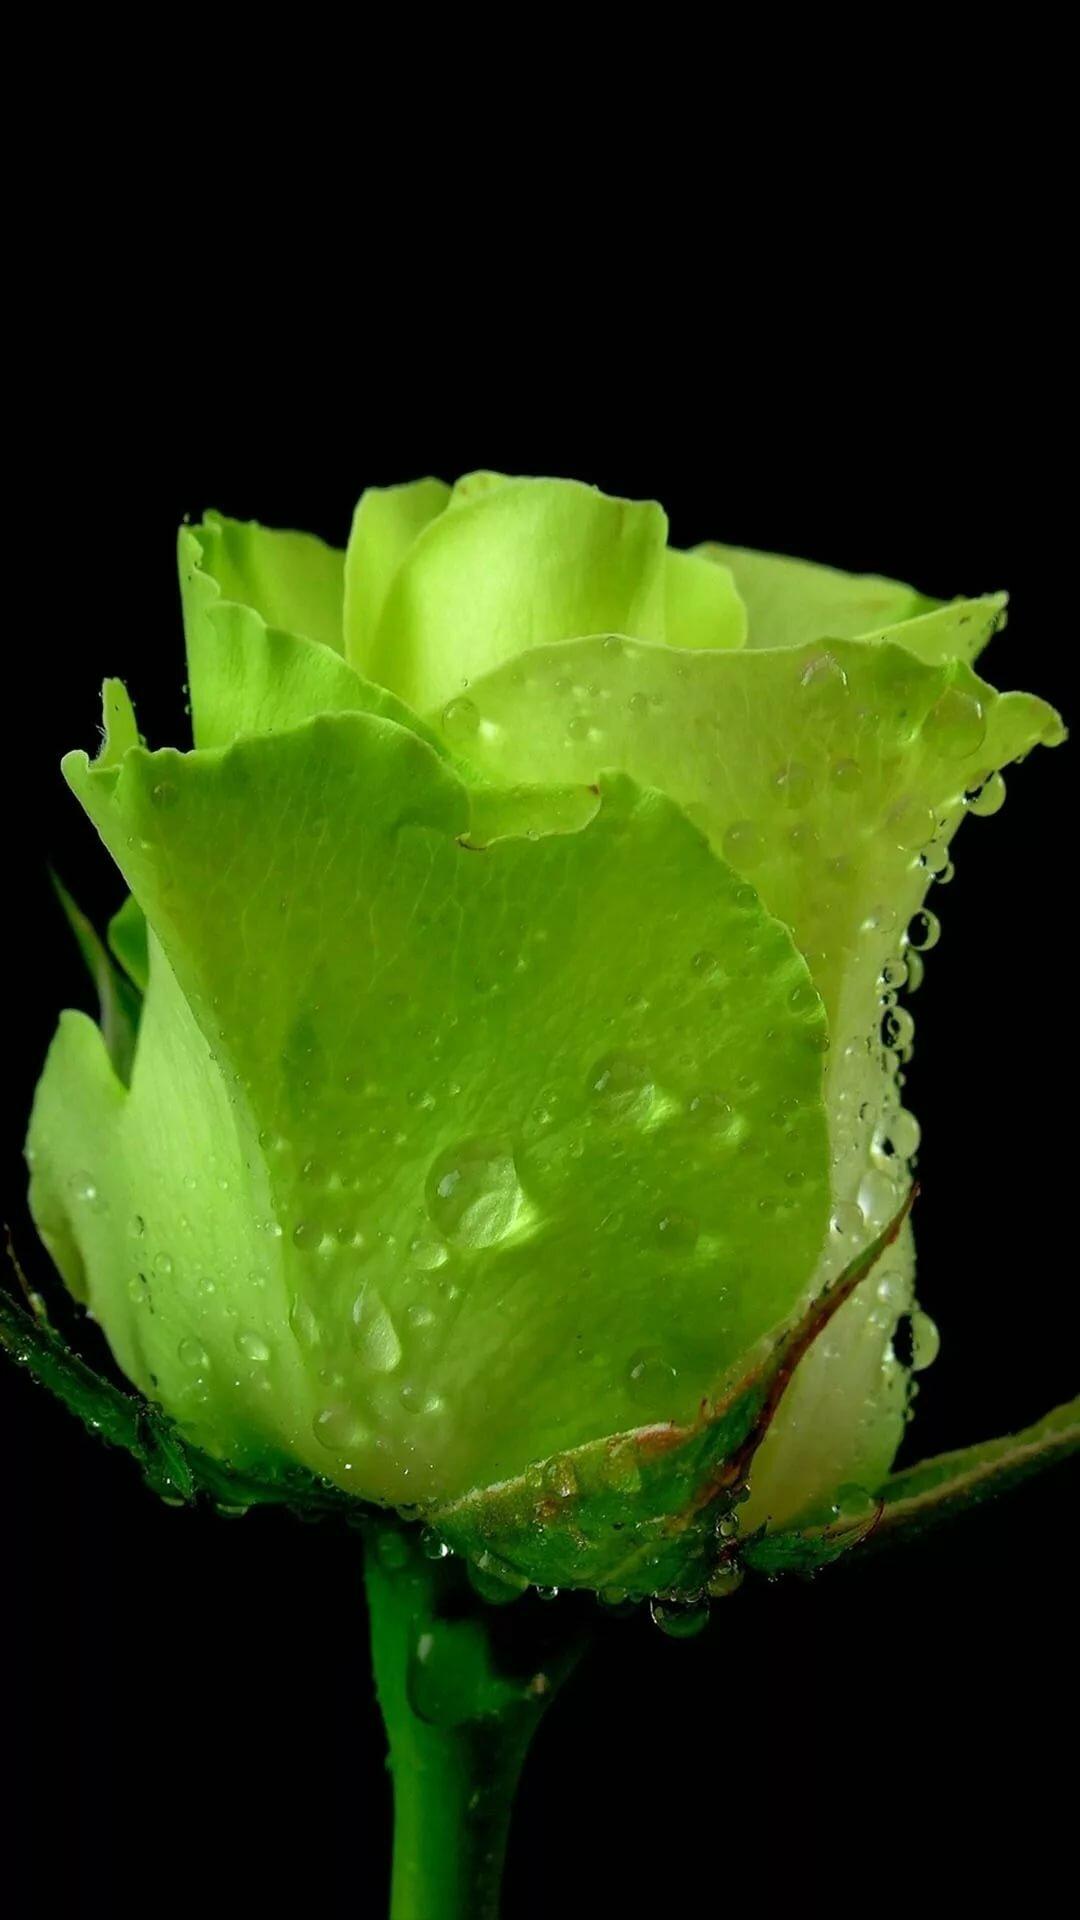 они зеленые розы картинки каплями таких больных нарушается